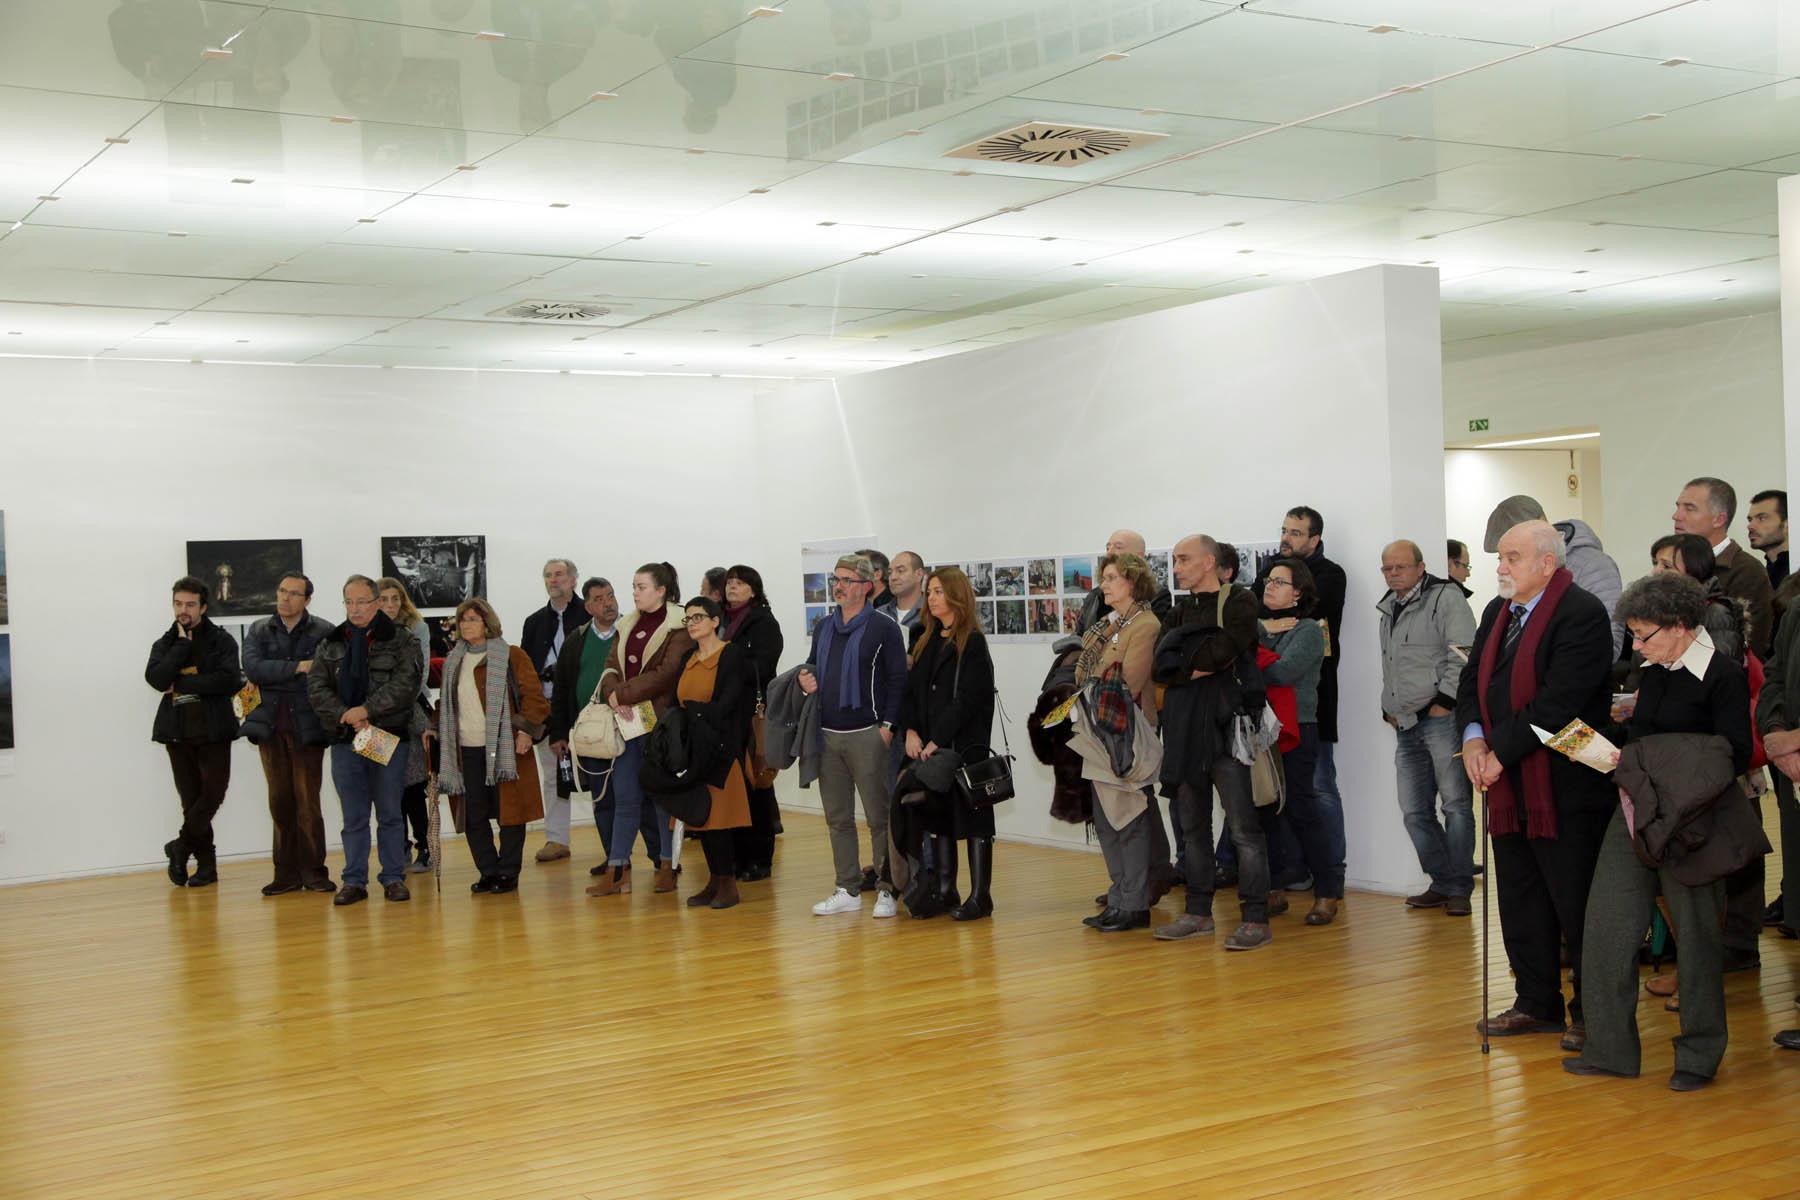 El Centro de Estudios Ibéricos inaugura las exposiciones 'Transversalidades 2016. Fotografía sin fronteras' y 'Rumores del mundo: mirar la diversidad que nos rodea'